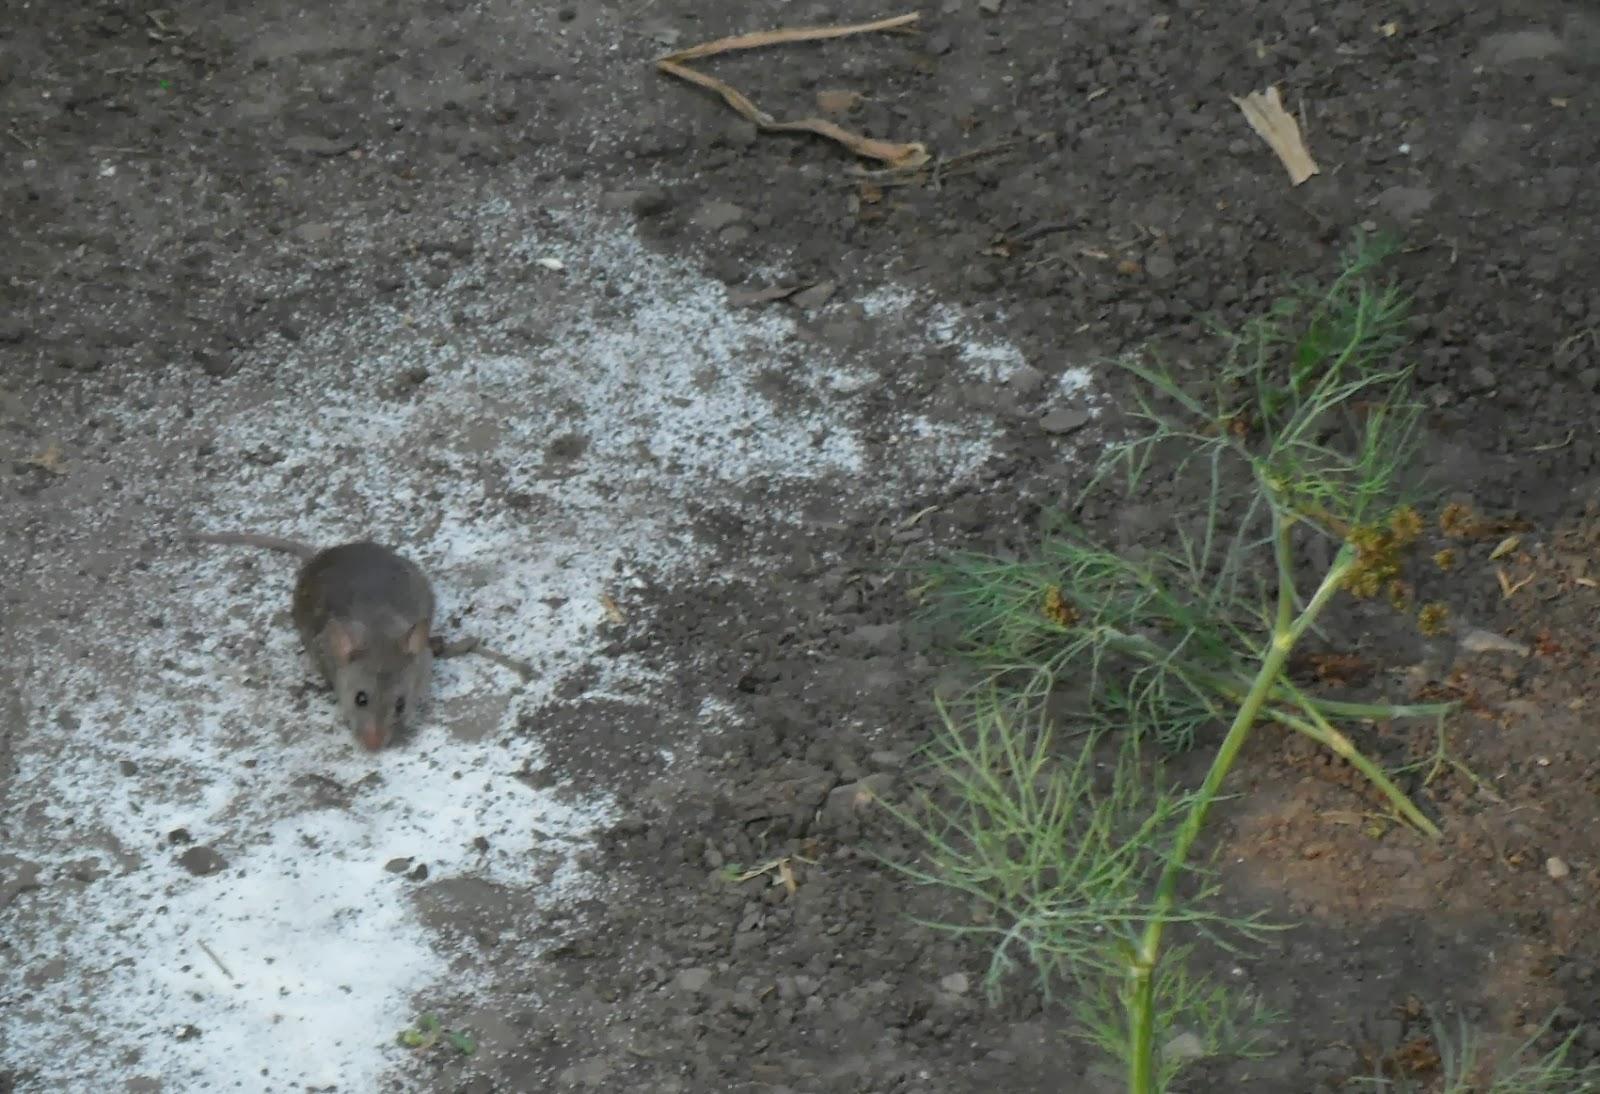 Крысы и мыши в погребе: способы борьбы от народных до инновационных